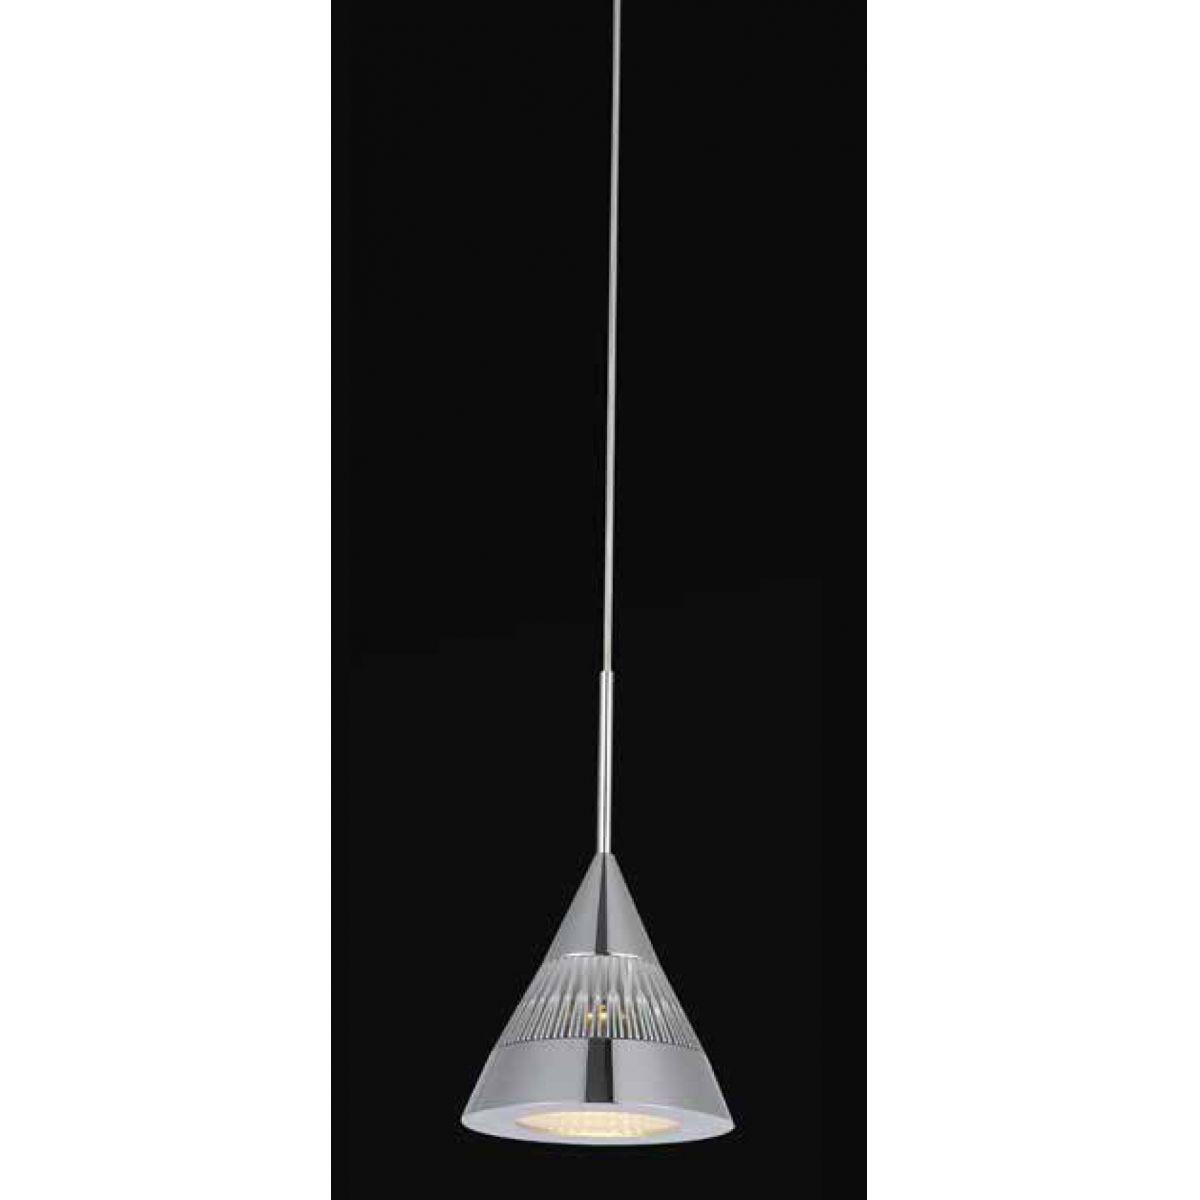 Pendente 5w 3000k LED Strano Aluminio JD001 Branco Quente  - OUTLED ILUMINAÇÃO